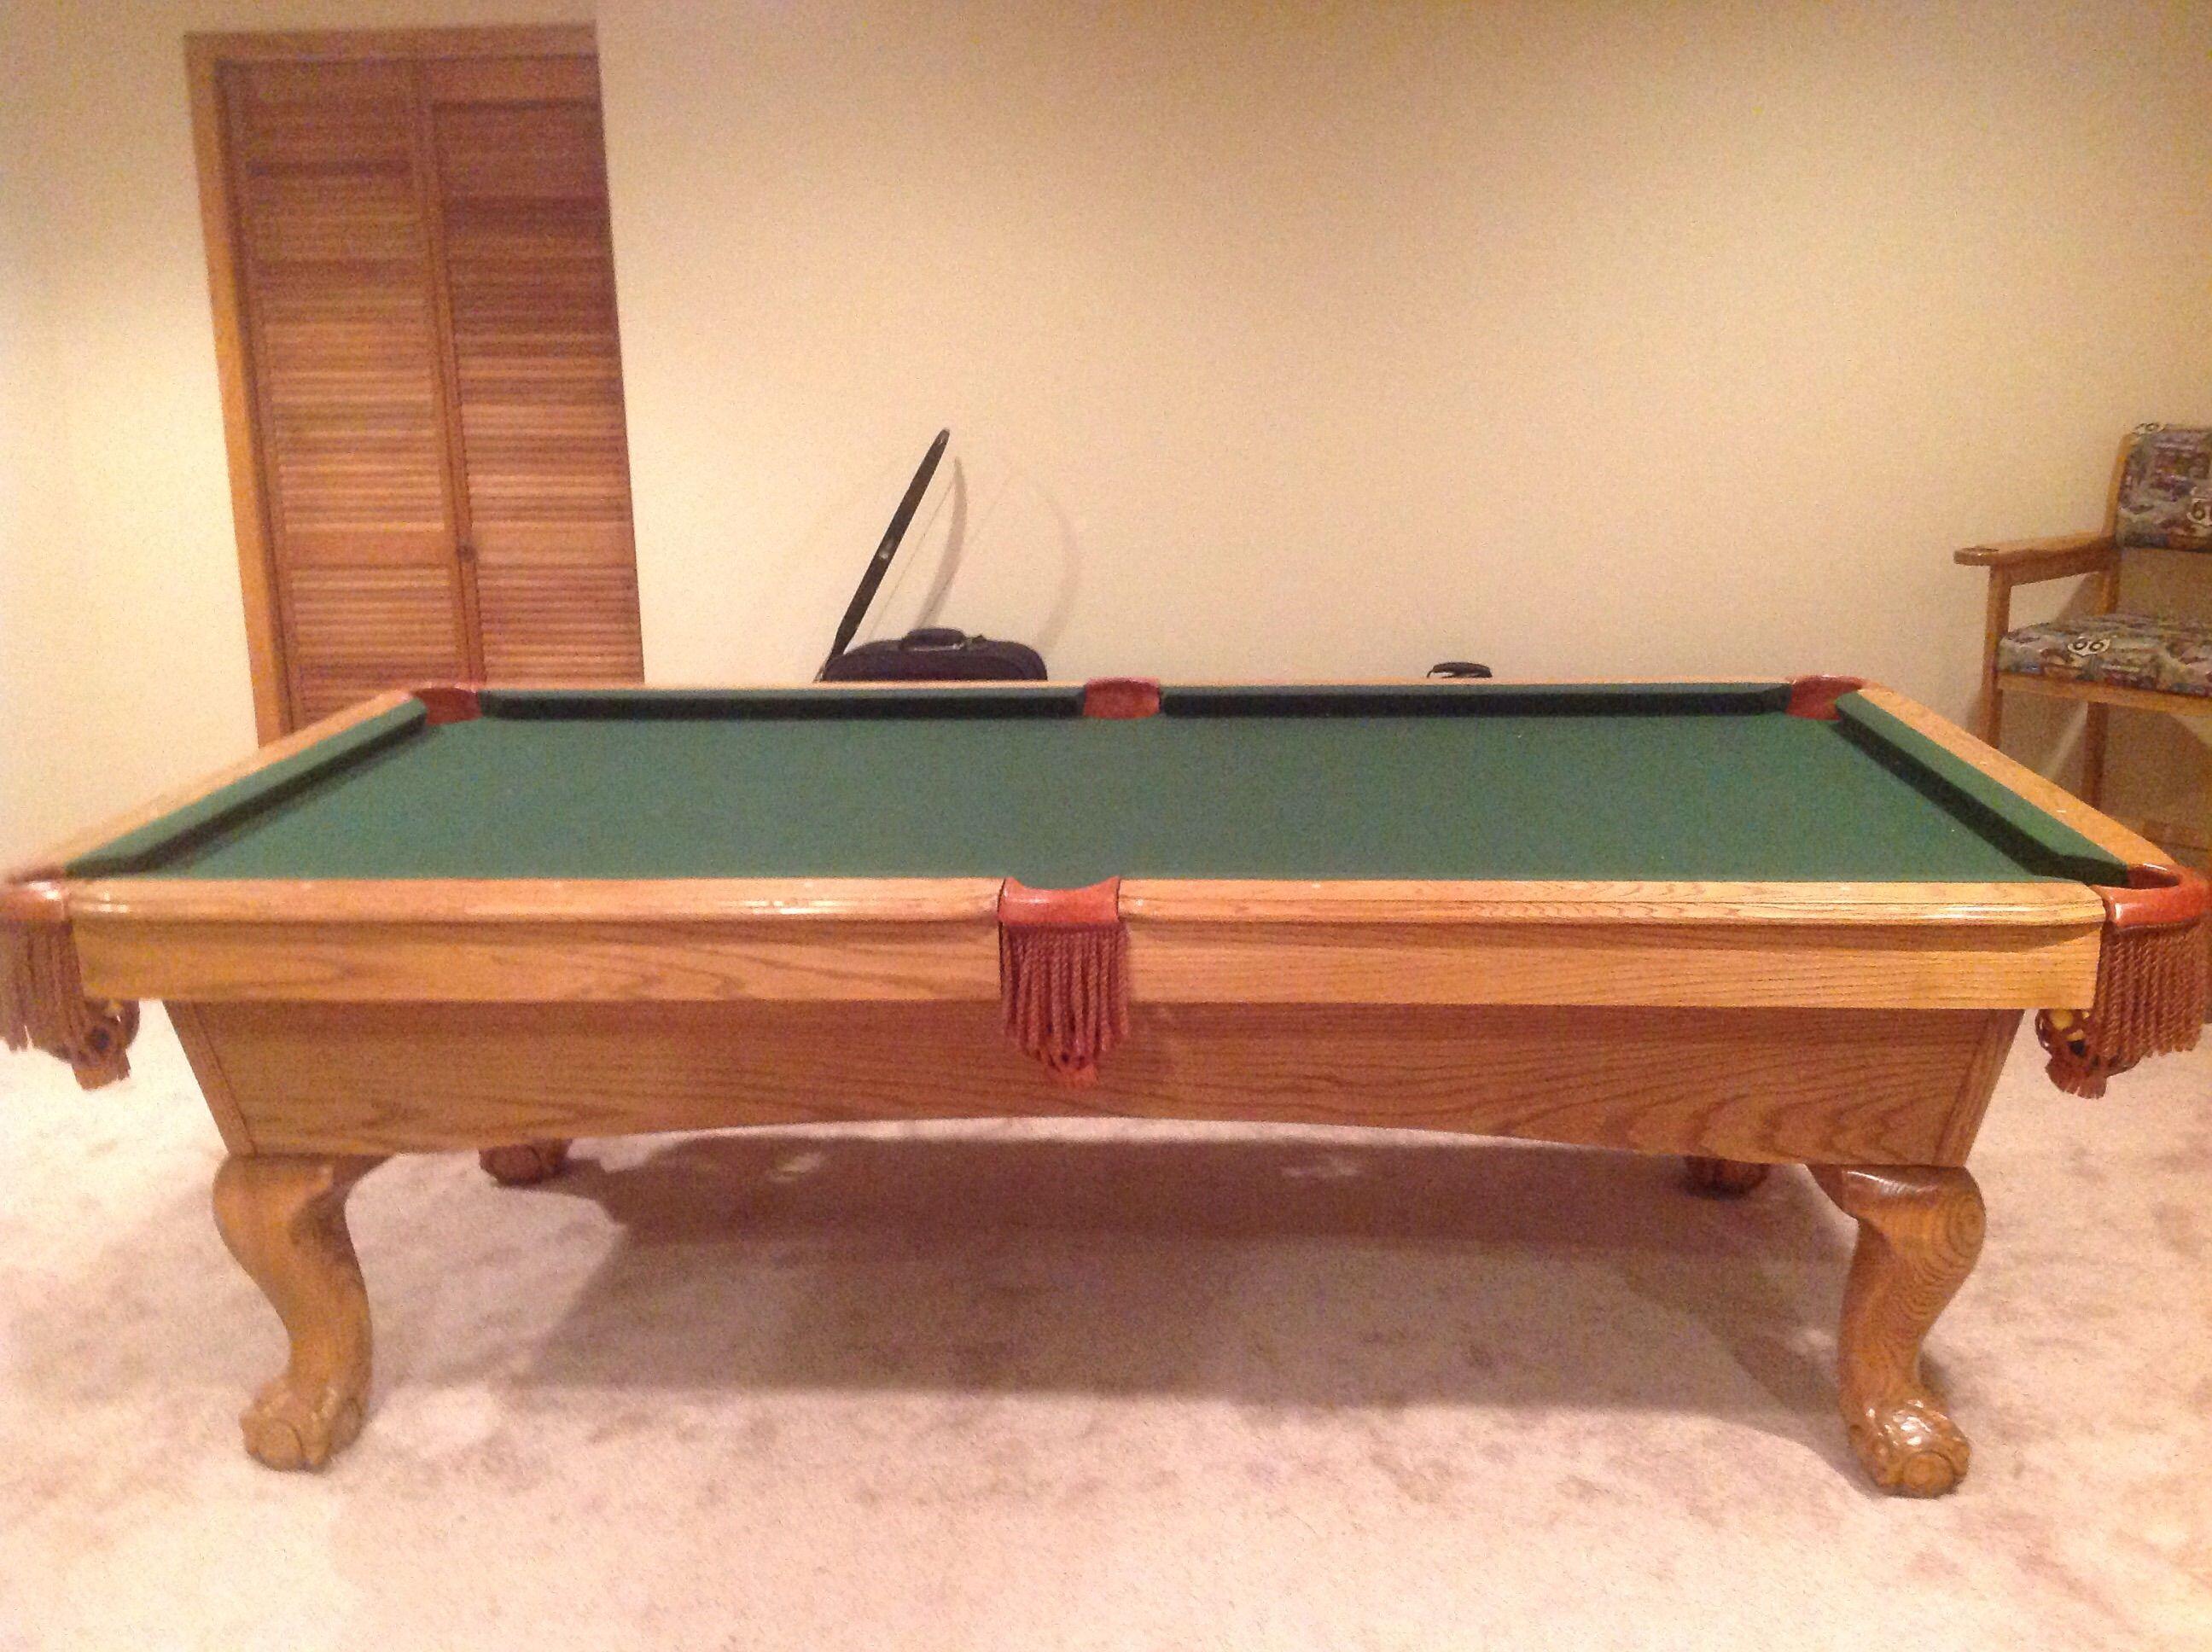 American heritage 7 billiard pool table used pool